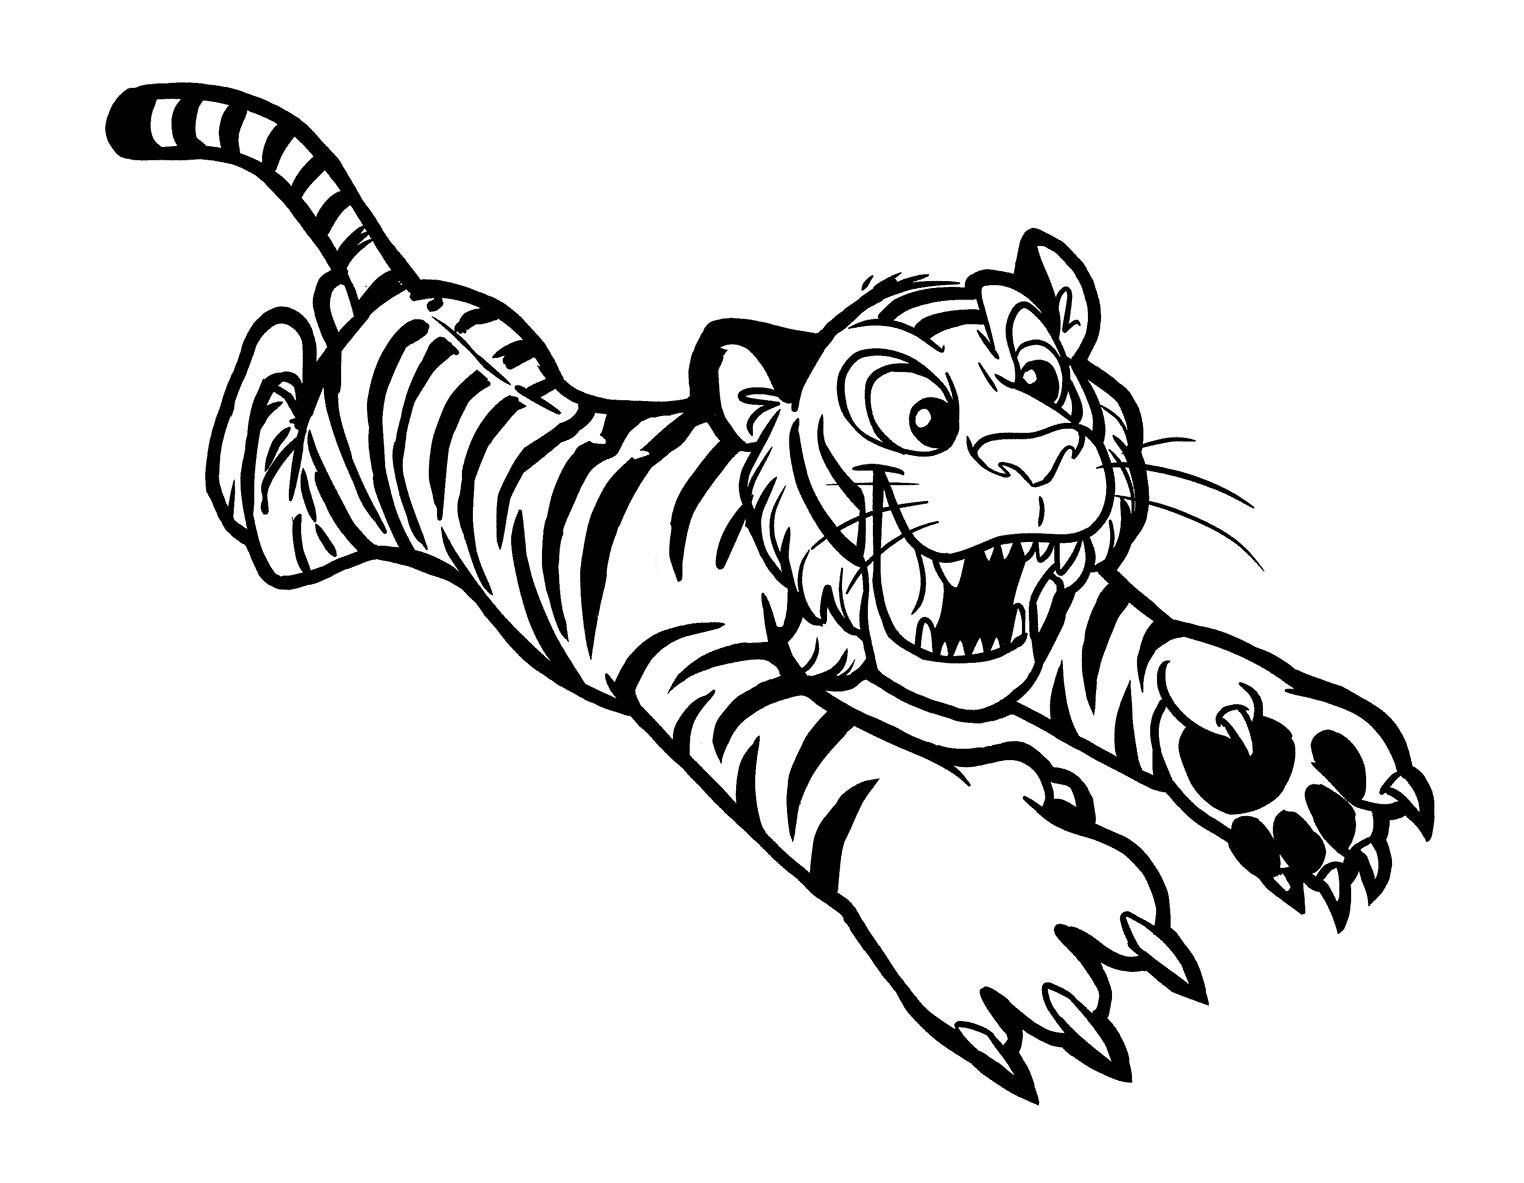 Coloriage de tigre facile pour enfants